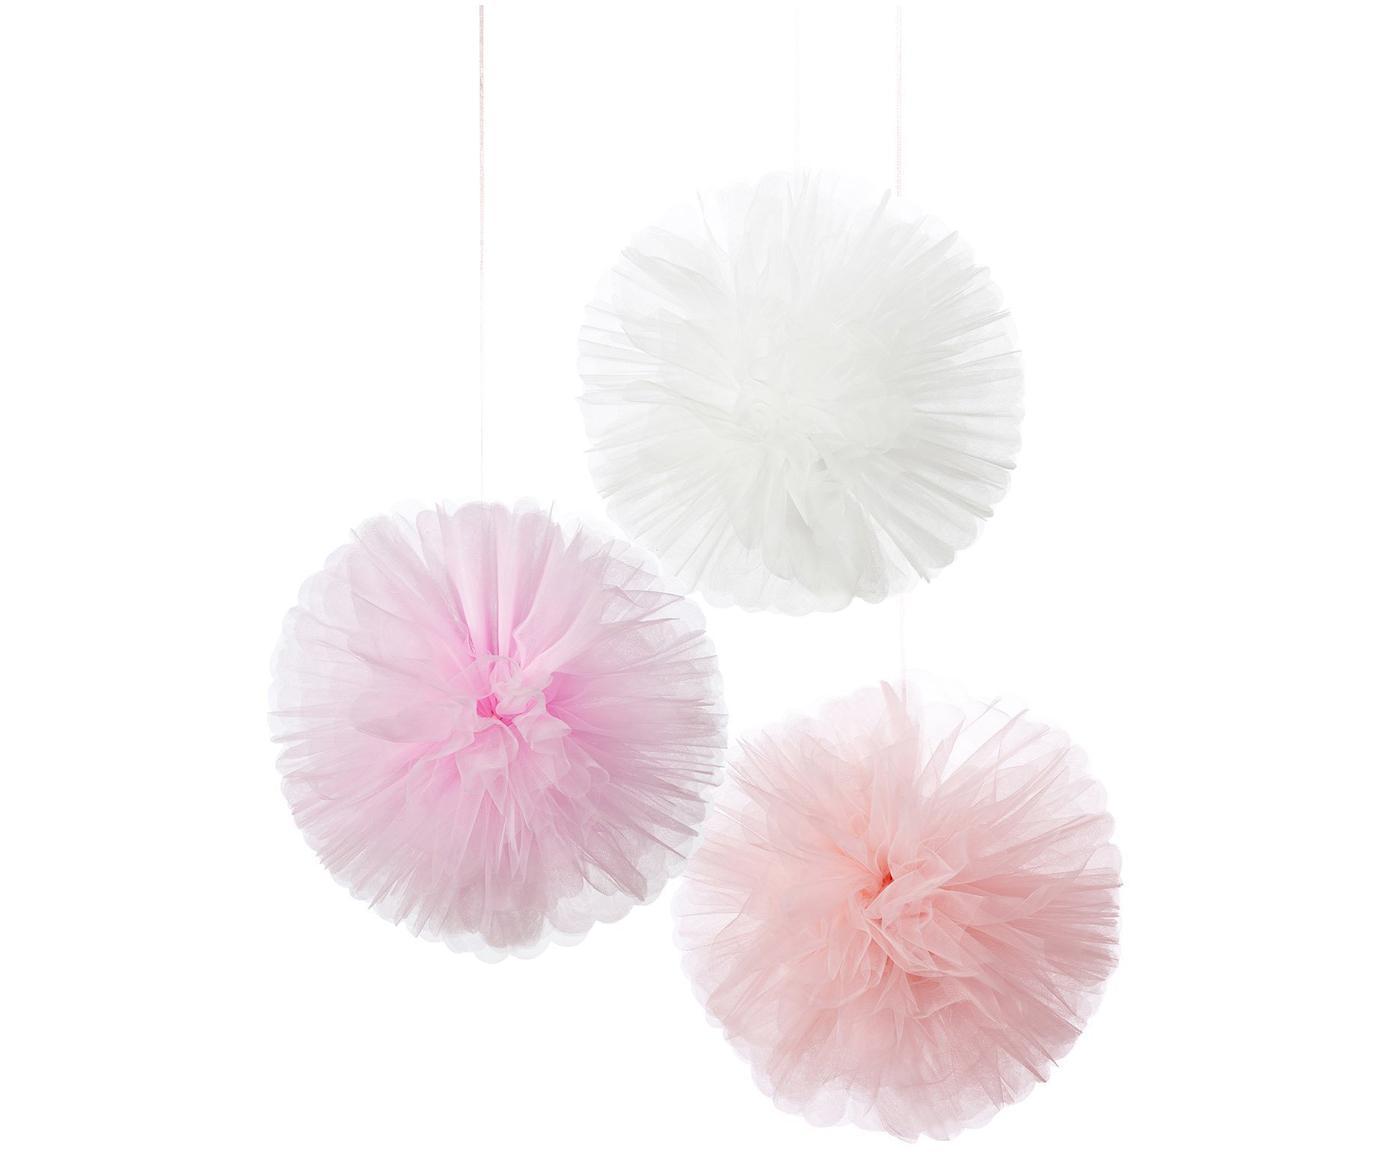 Set de pompones We Heart, 3pzas., Tul (poliéster), Rosa, rosa, blanco, Ø 25 x Al 25 cm